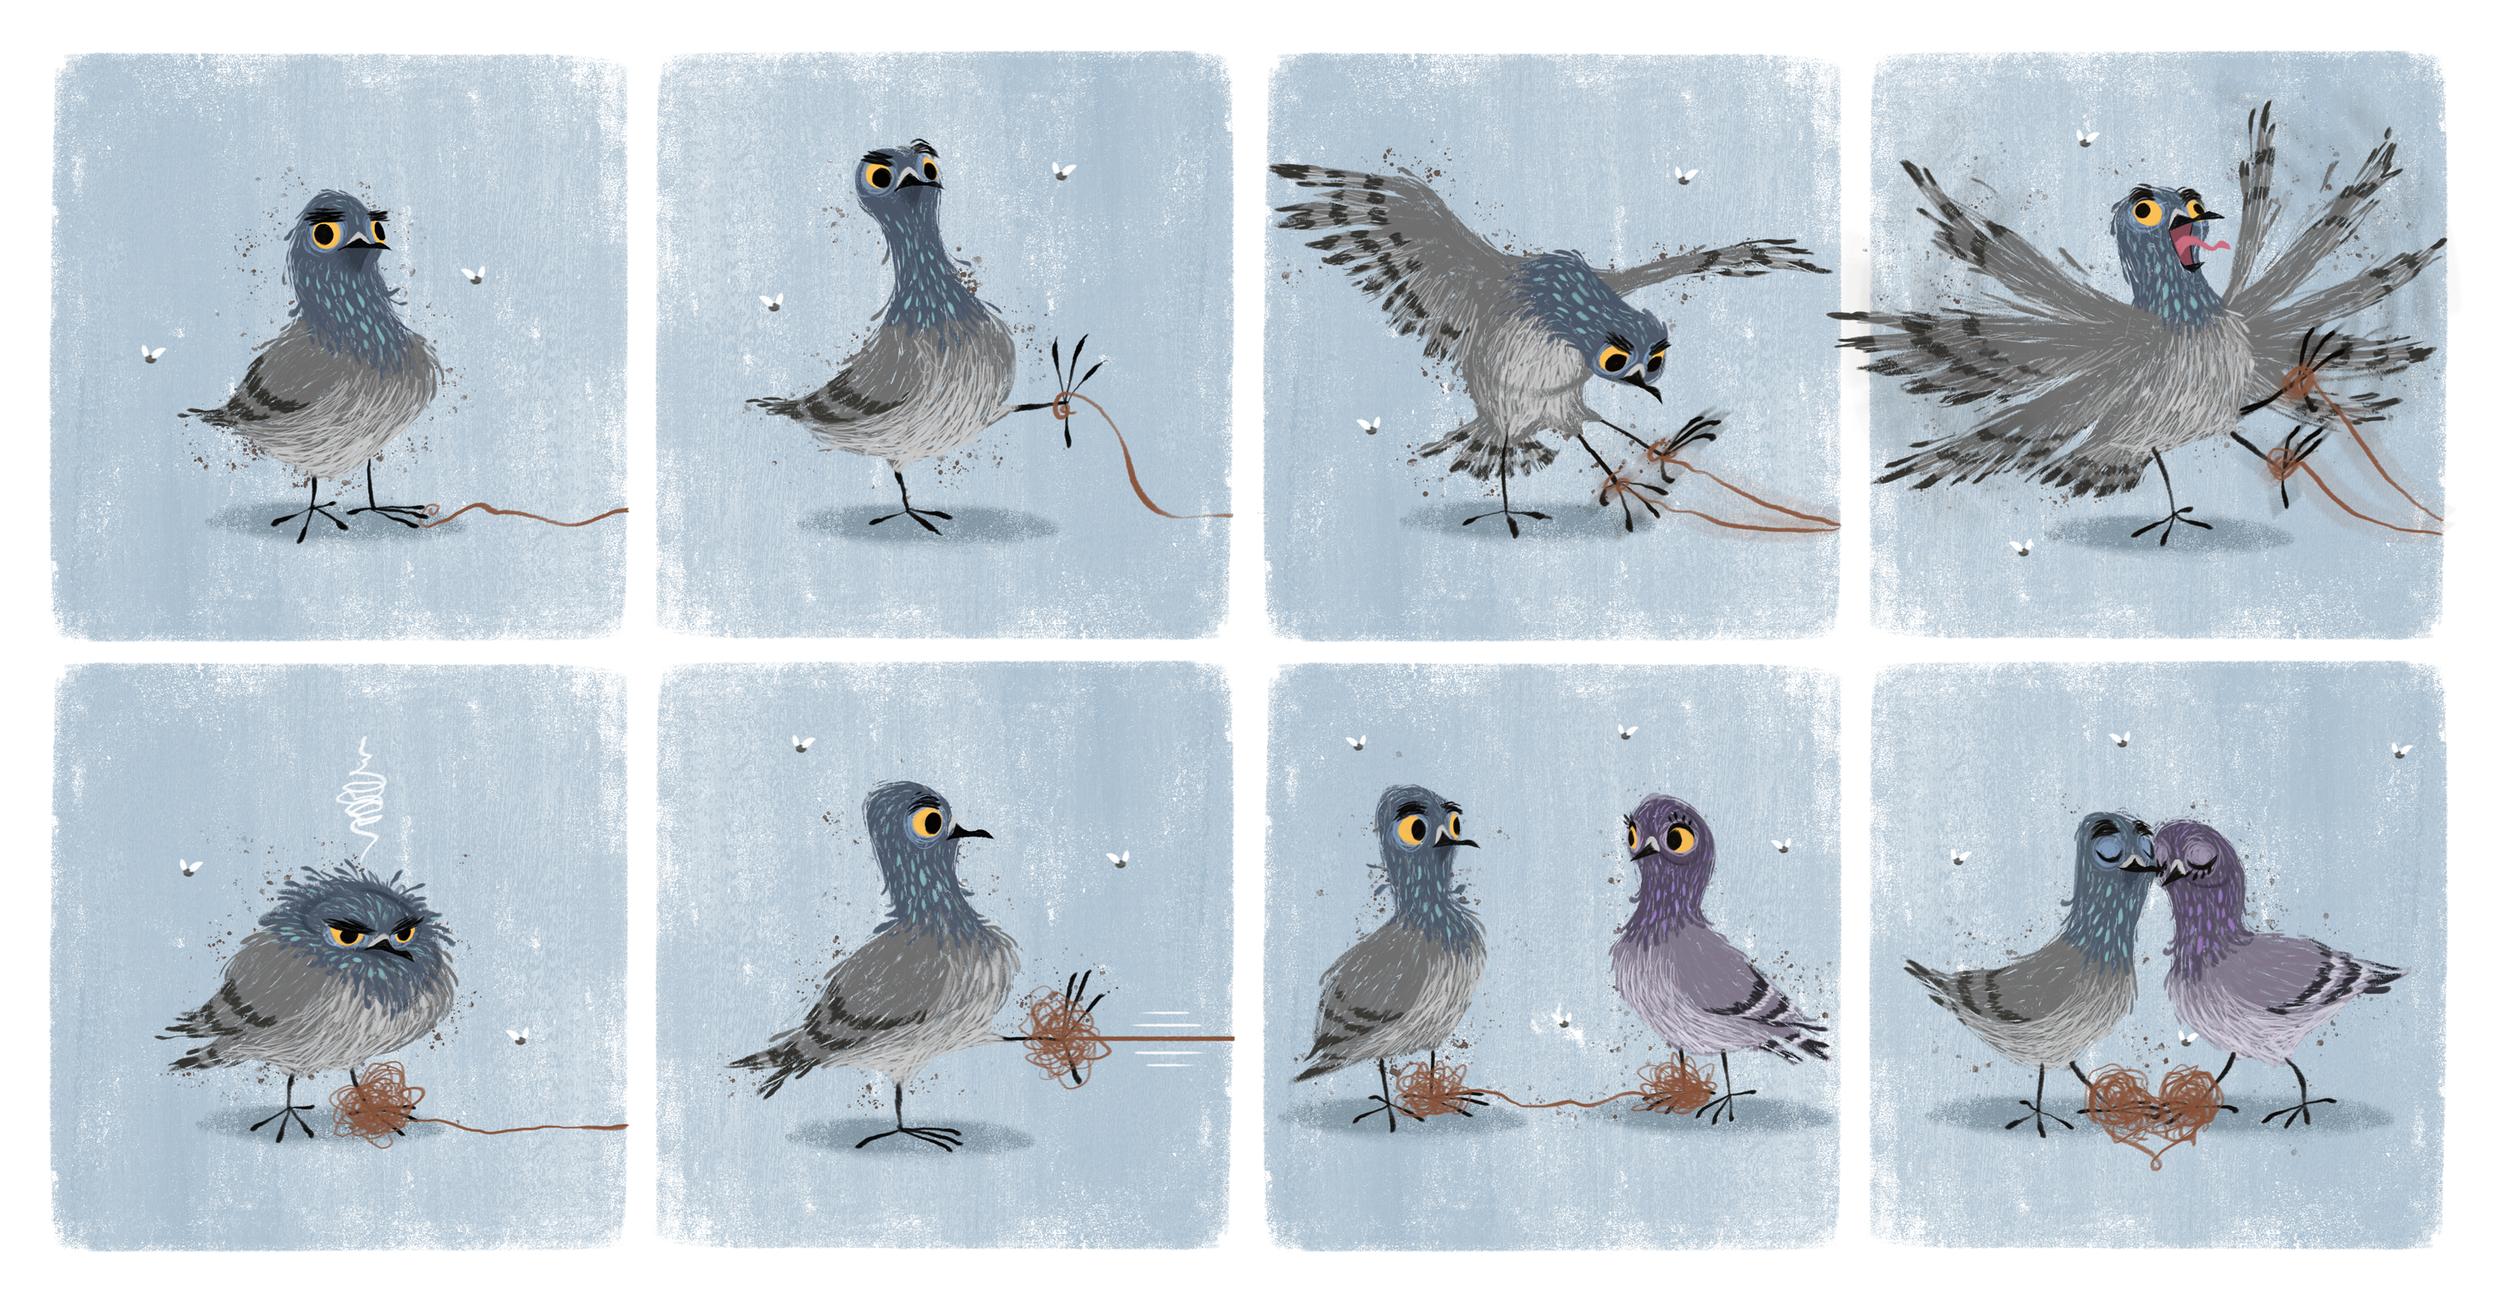 pigeoncomic.png